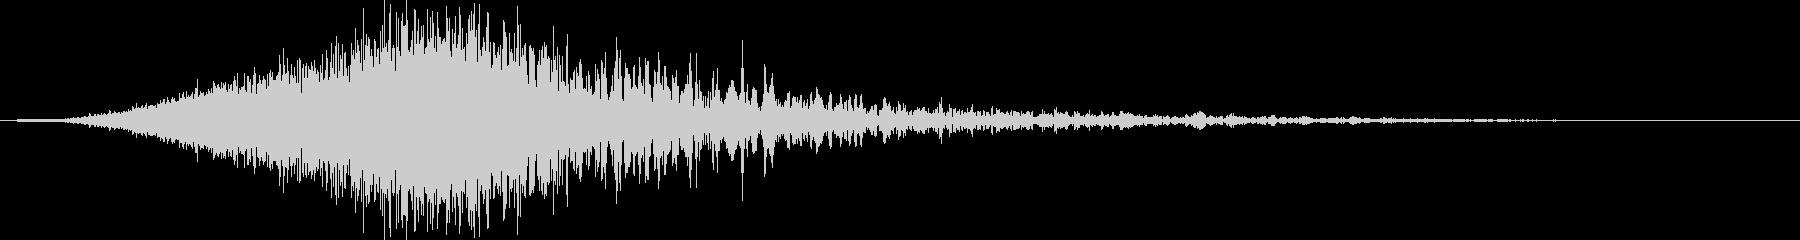 バーン:オープニングロゴなどの締めの音の未再生の波形